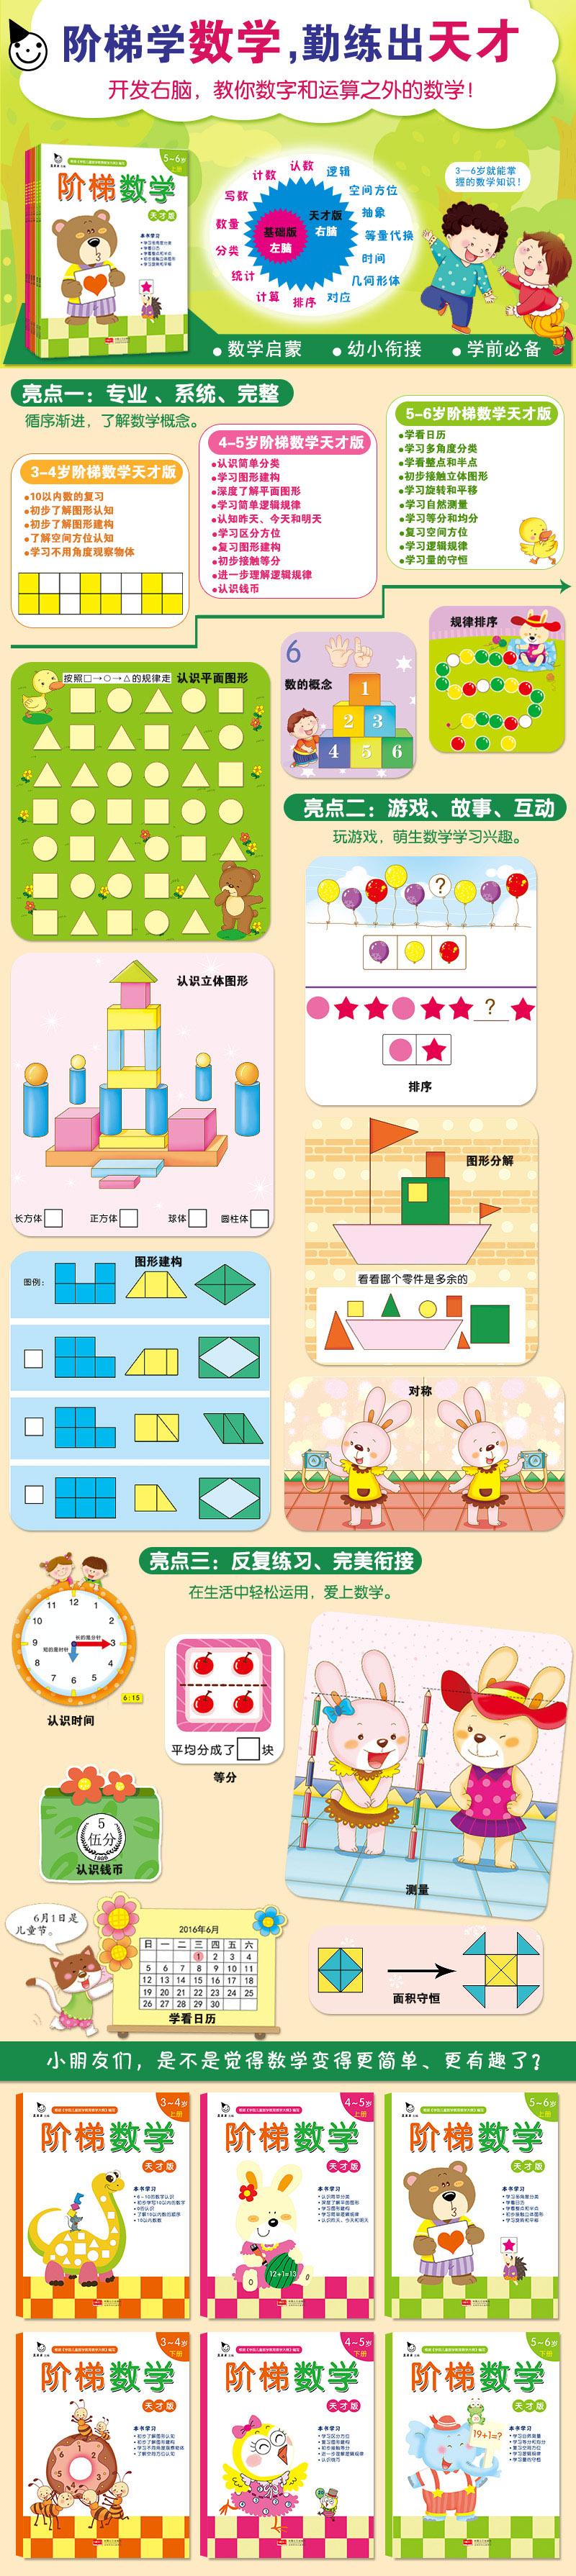 《3~4岁上册》 5以内的数 几朵花(数数,写数字)1 几只小动物(数数,写数字)2 几个玩具(数数,写数字)3 6~10的数 数字6(认识6)4 写数字6(写数字)5 数出6(数数)6 数字7(认识7)7 写数字7(写数字)8 数出7(数数)9 数字8(认识8)10 写数字8(写数字)11 数出8(数数)12 数字9(认识9)